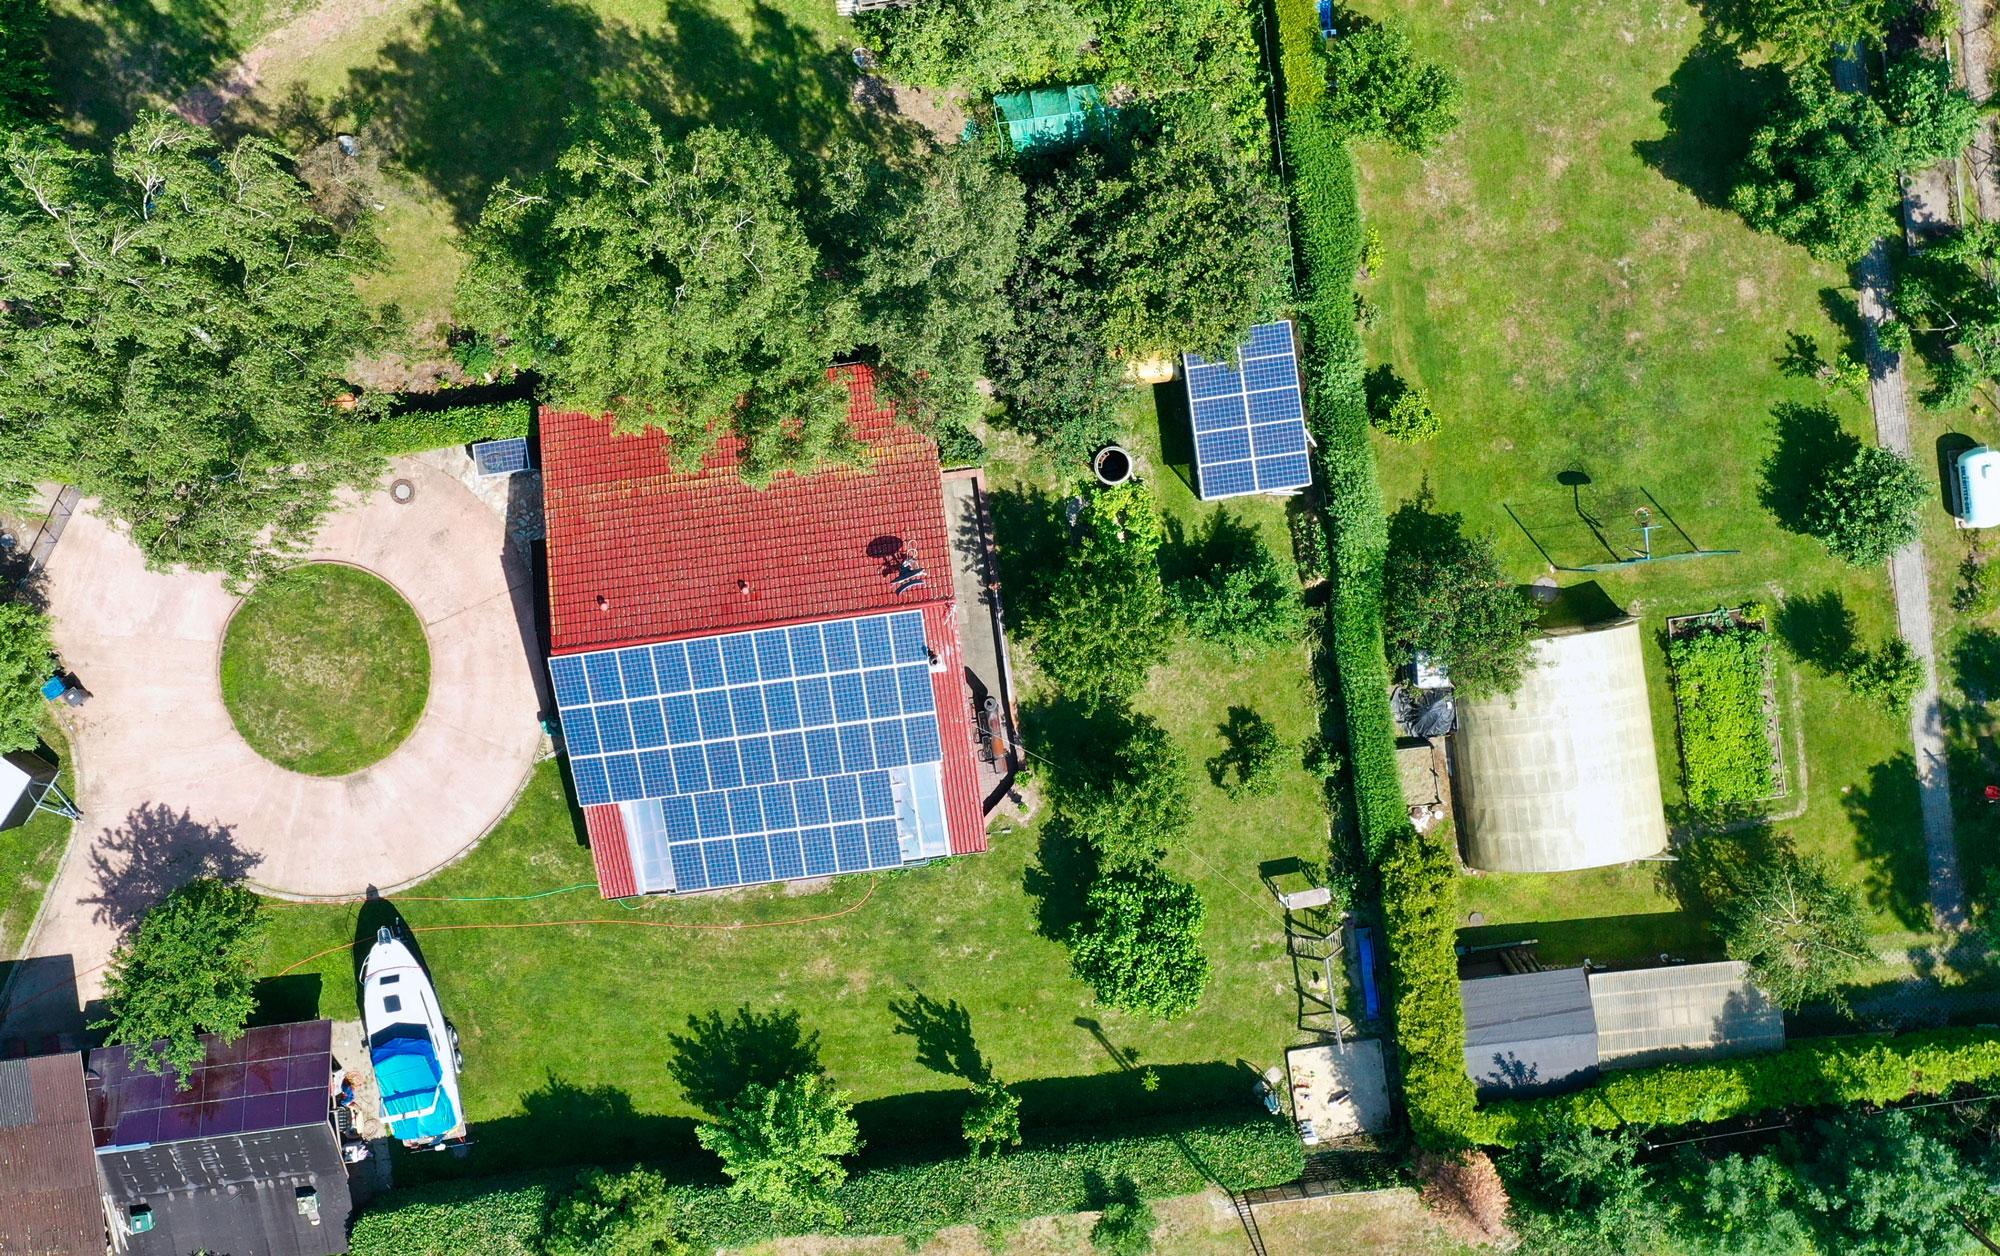 Hausbesitzer sind die nächsten Klimahelden